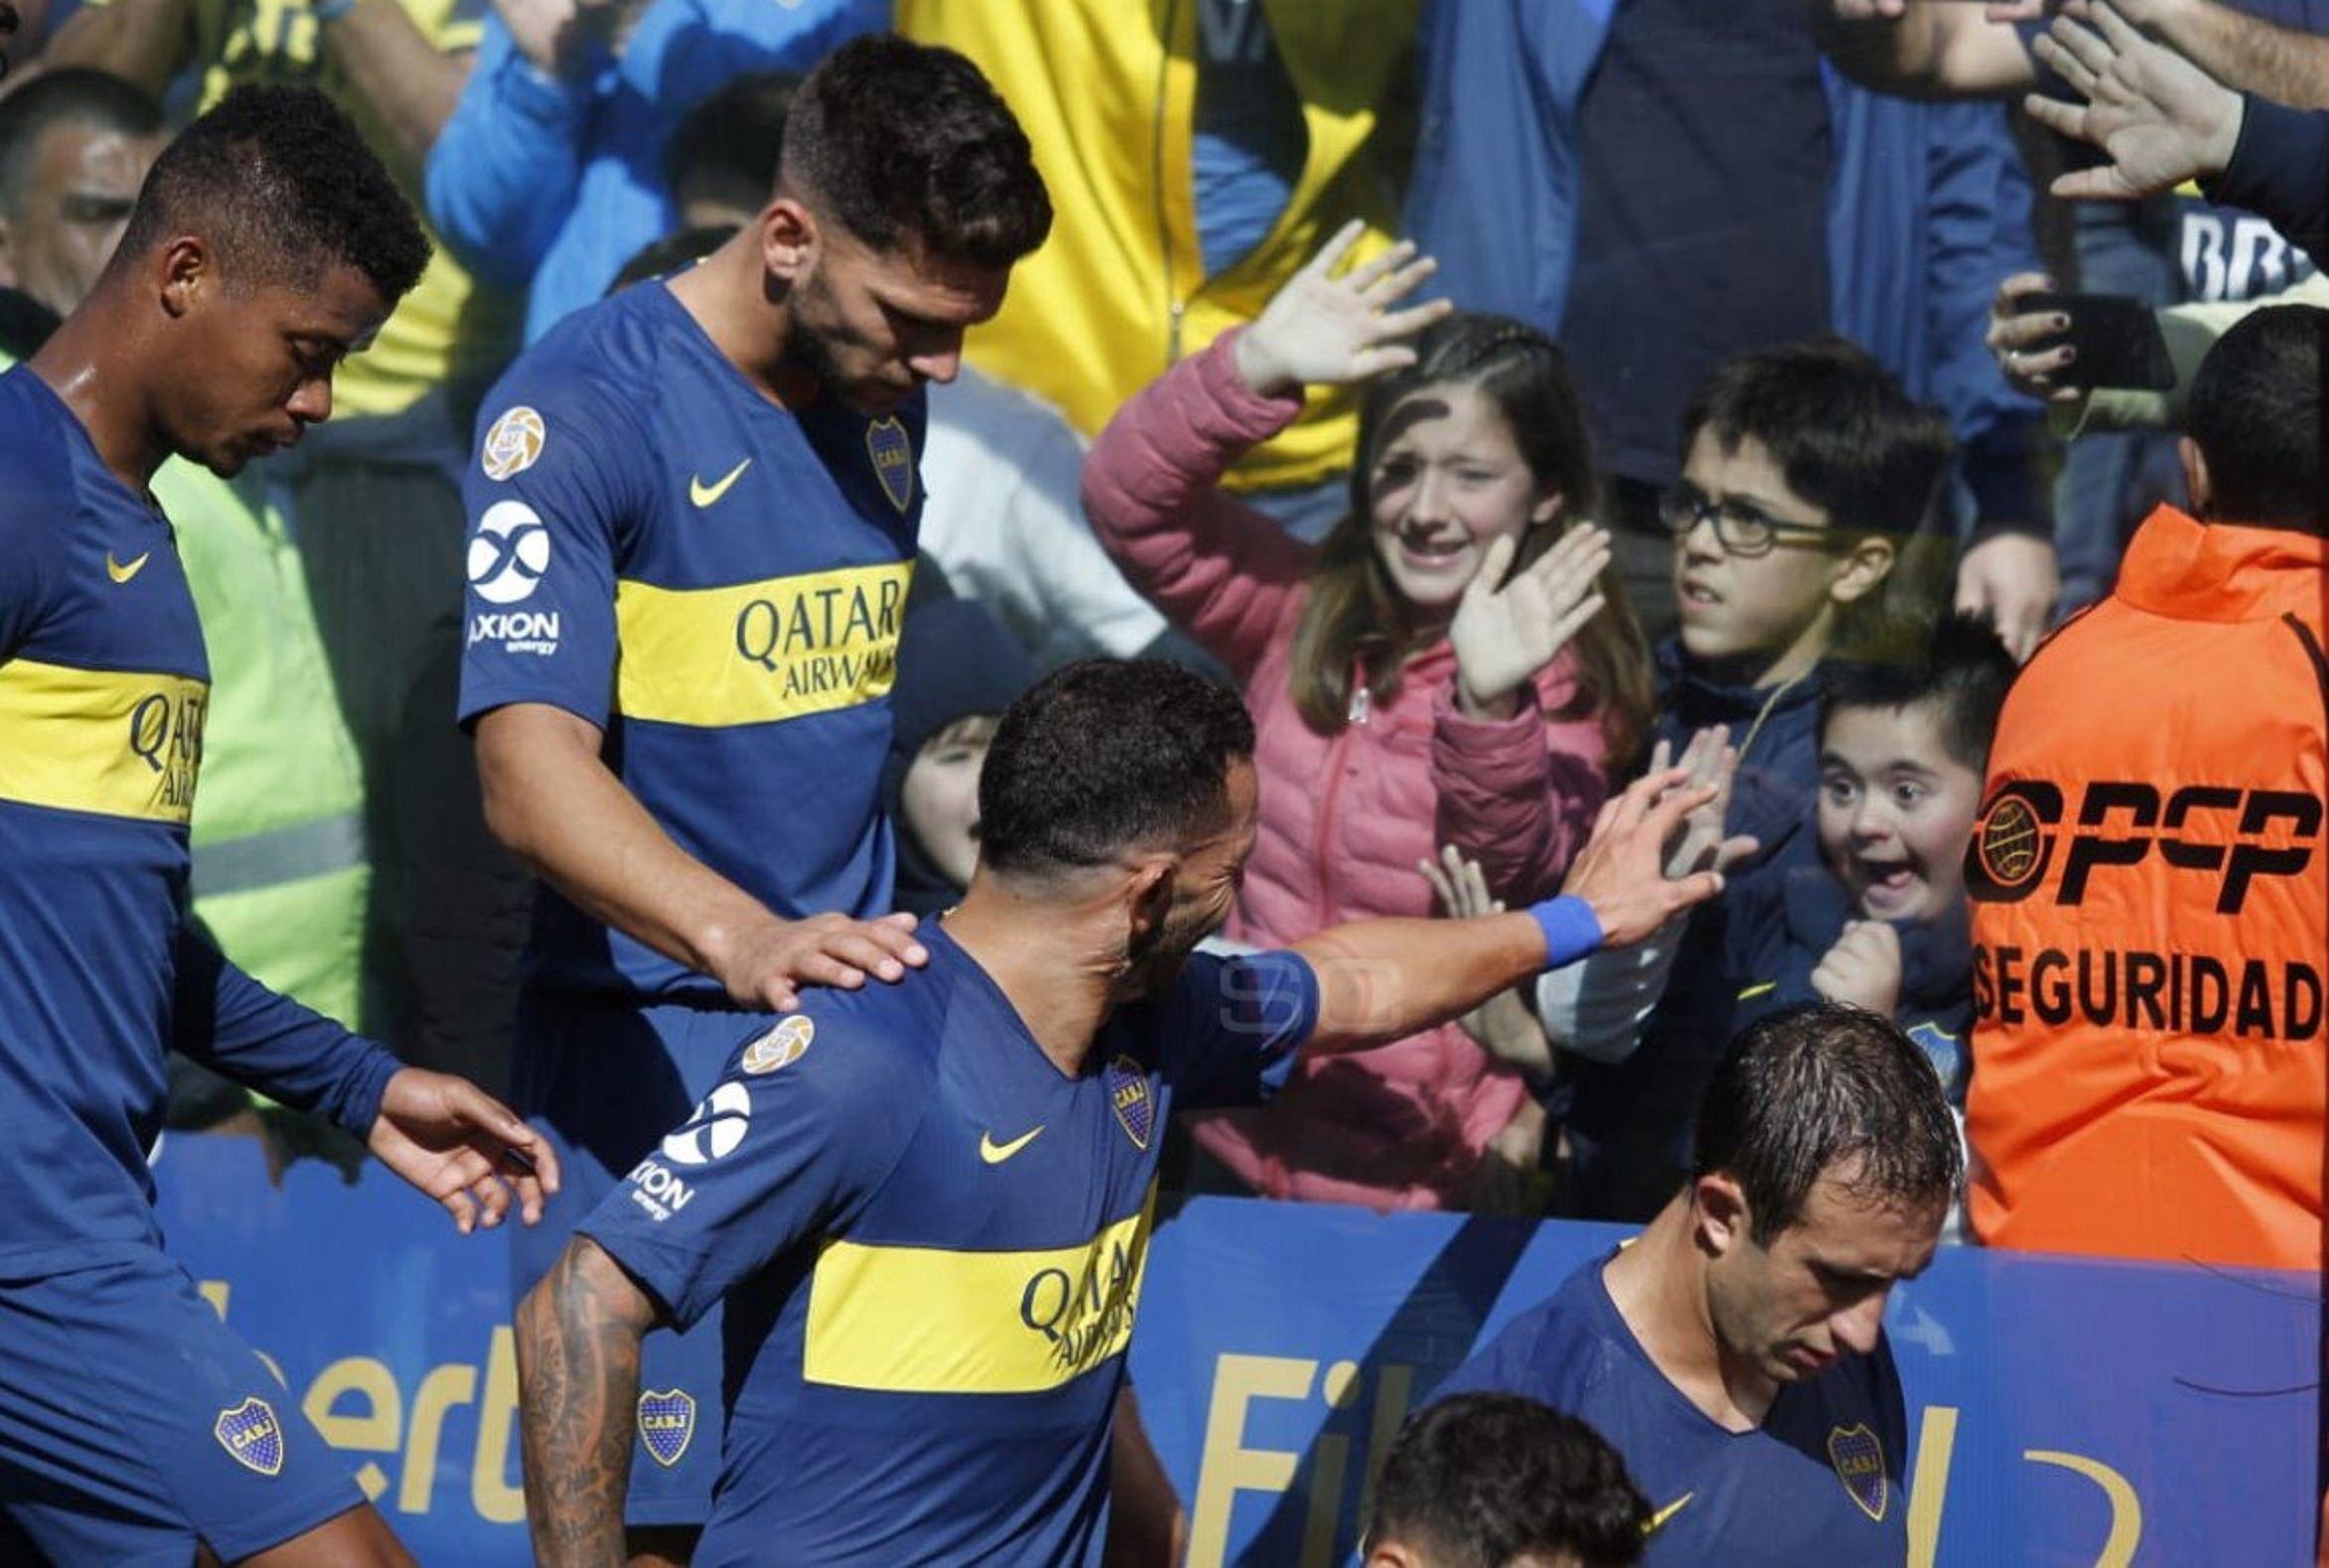 El gesto de Tevez que hizo feliz a un nene en la Bombonera